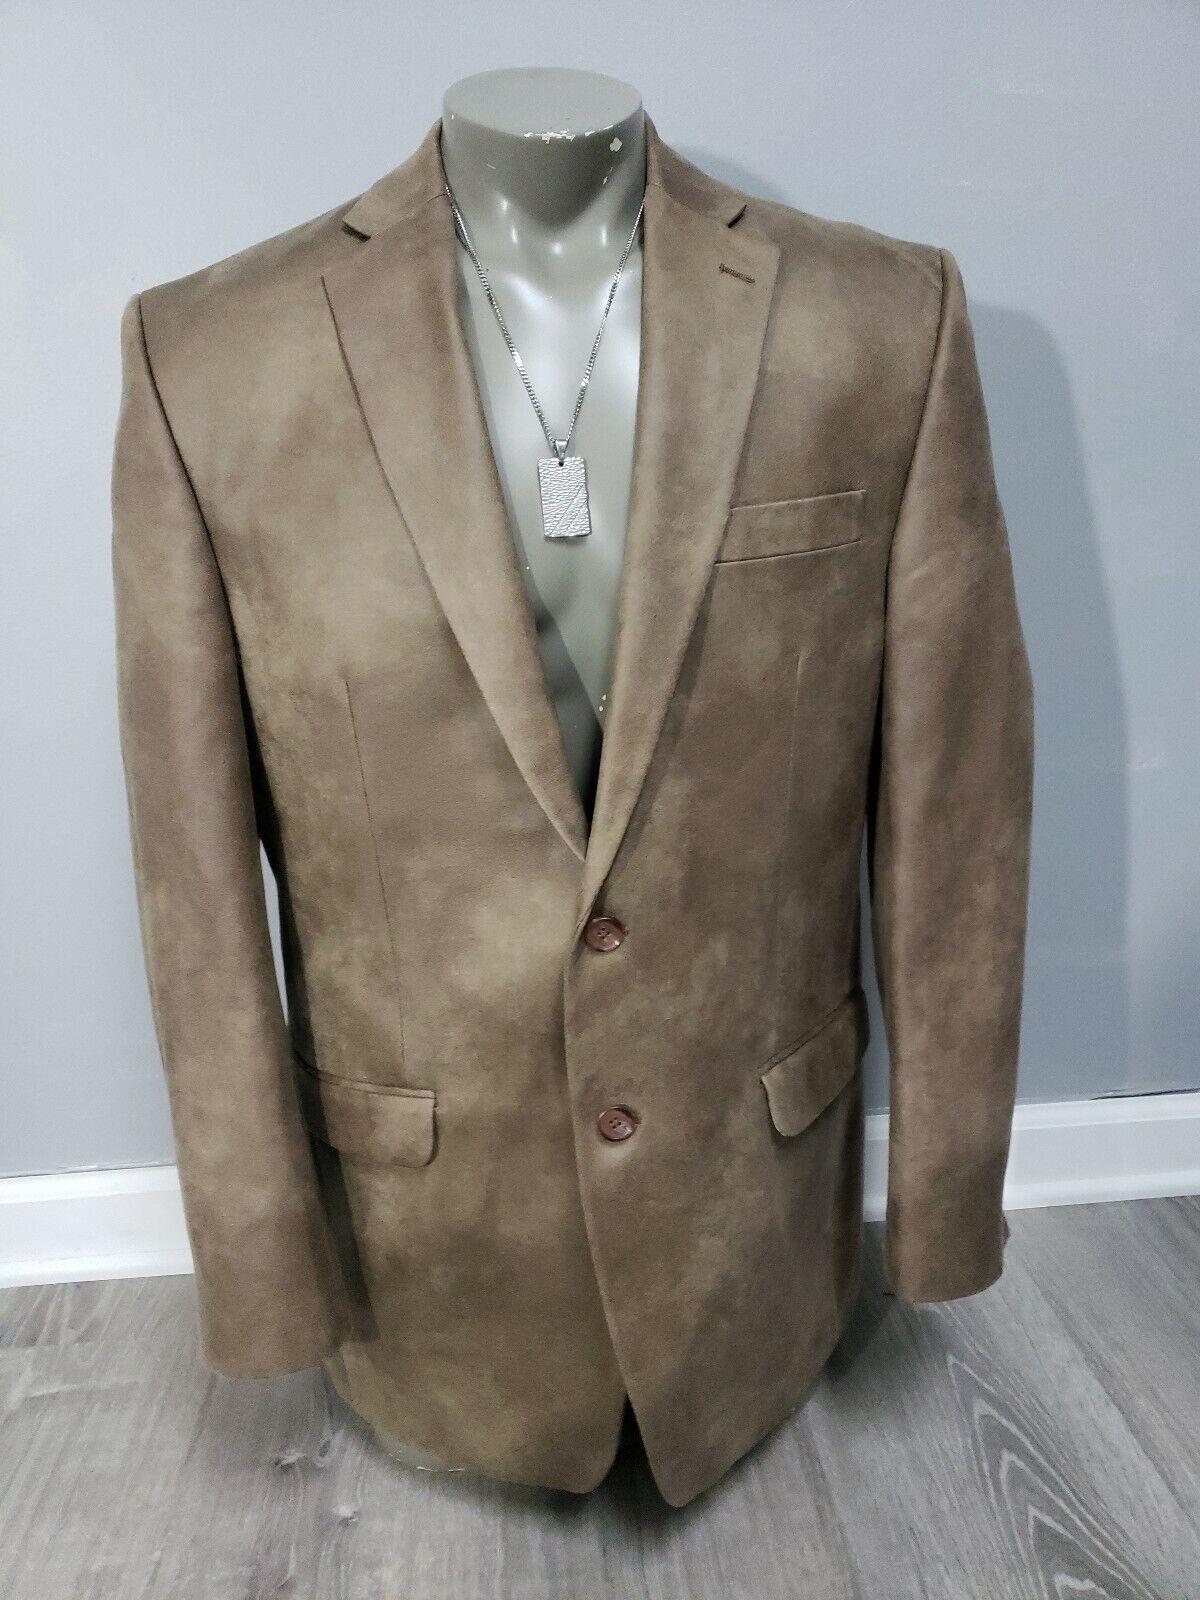 Lauren Ralph Lauren  Imitación de Cuero para Hombre Deportes Blazer envejecido marrón Talla 42L  perfecto